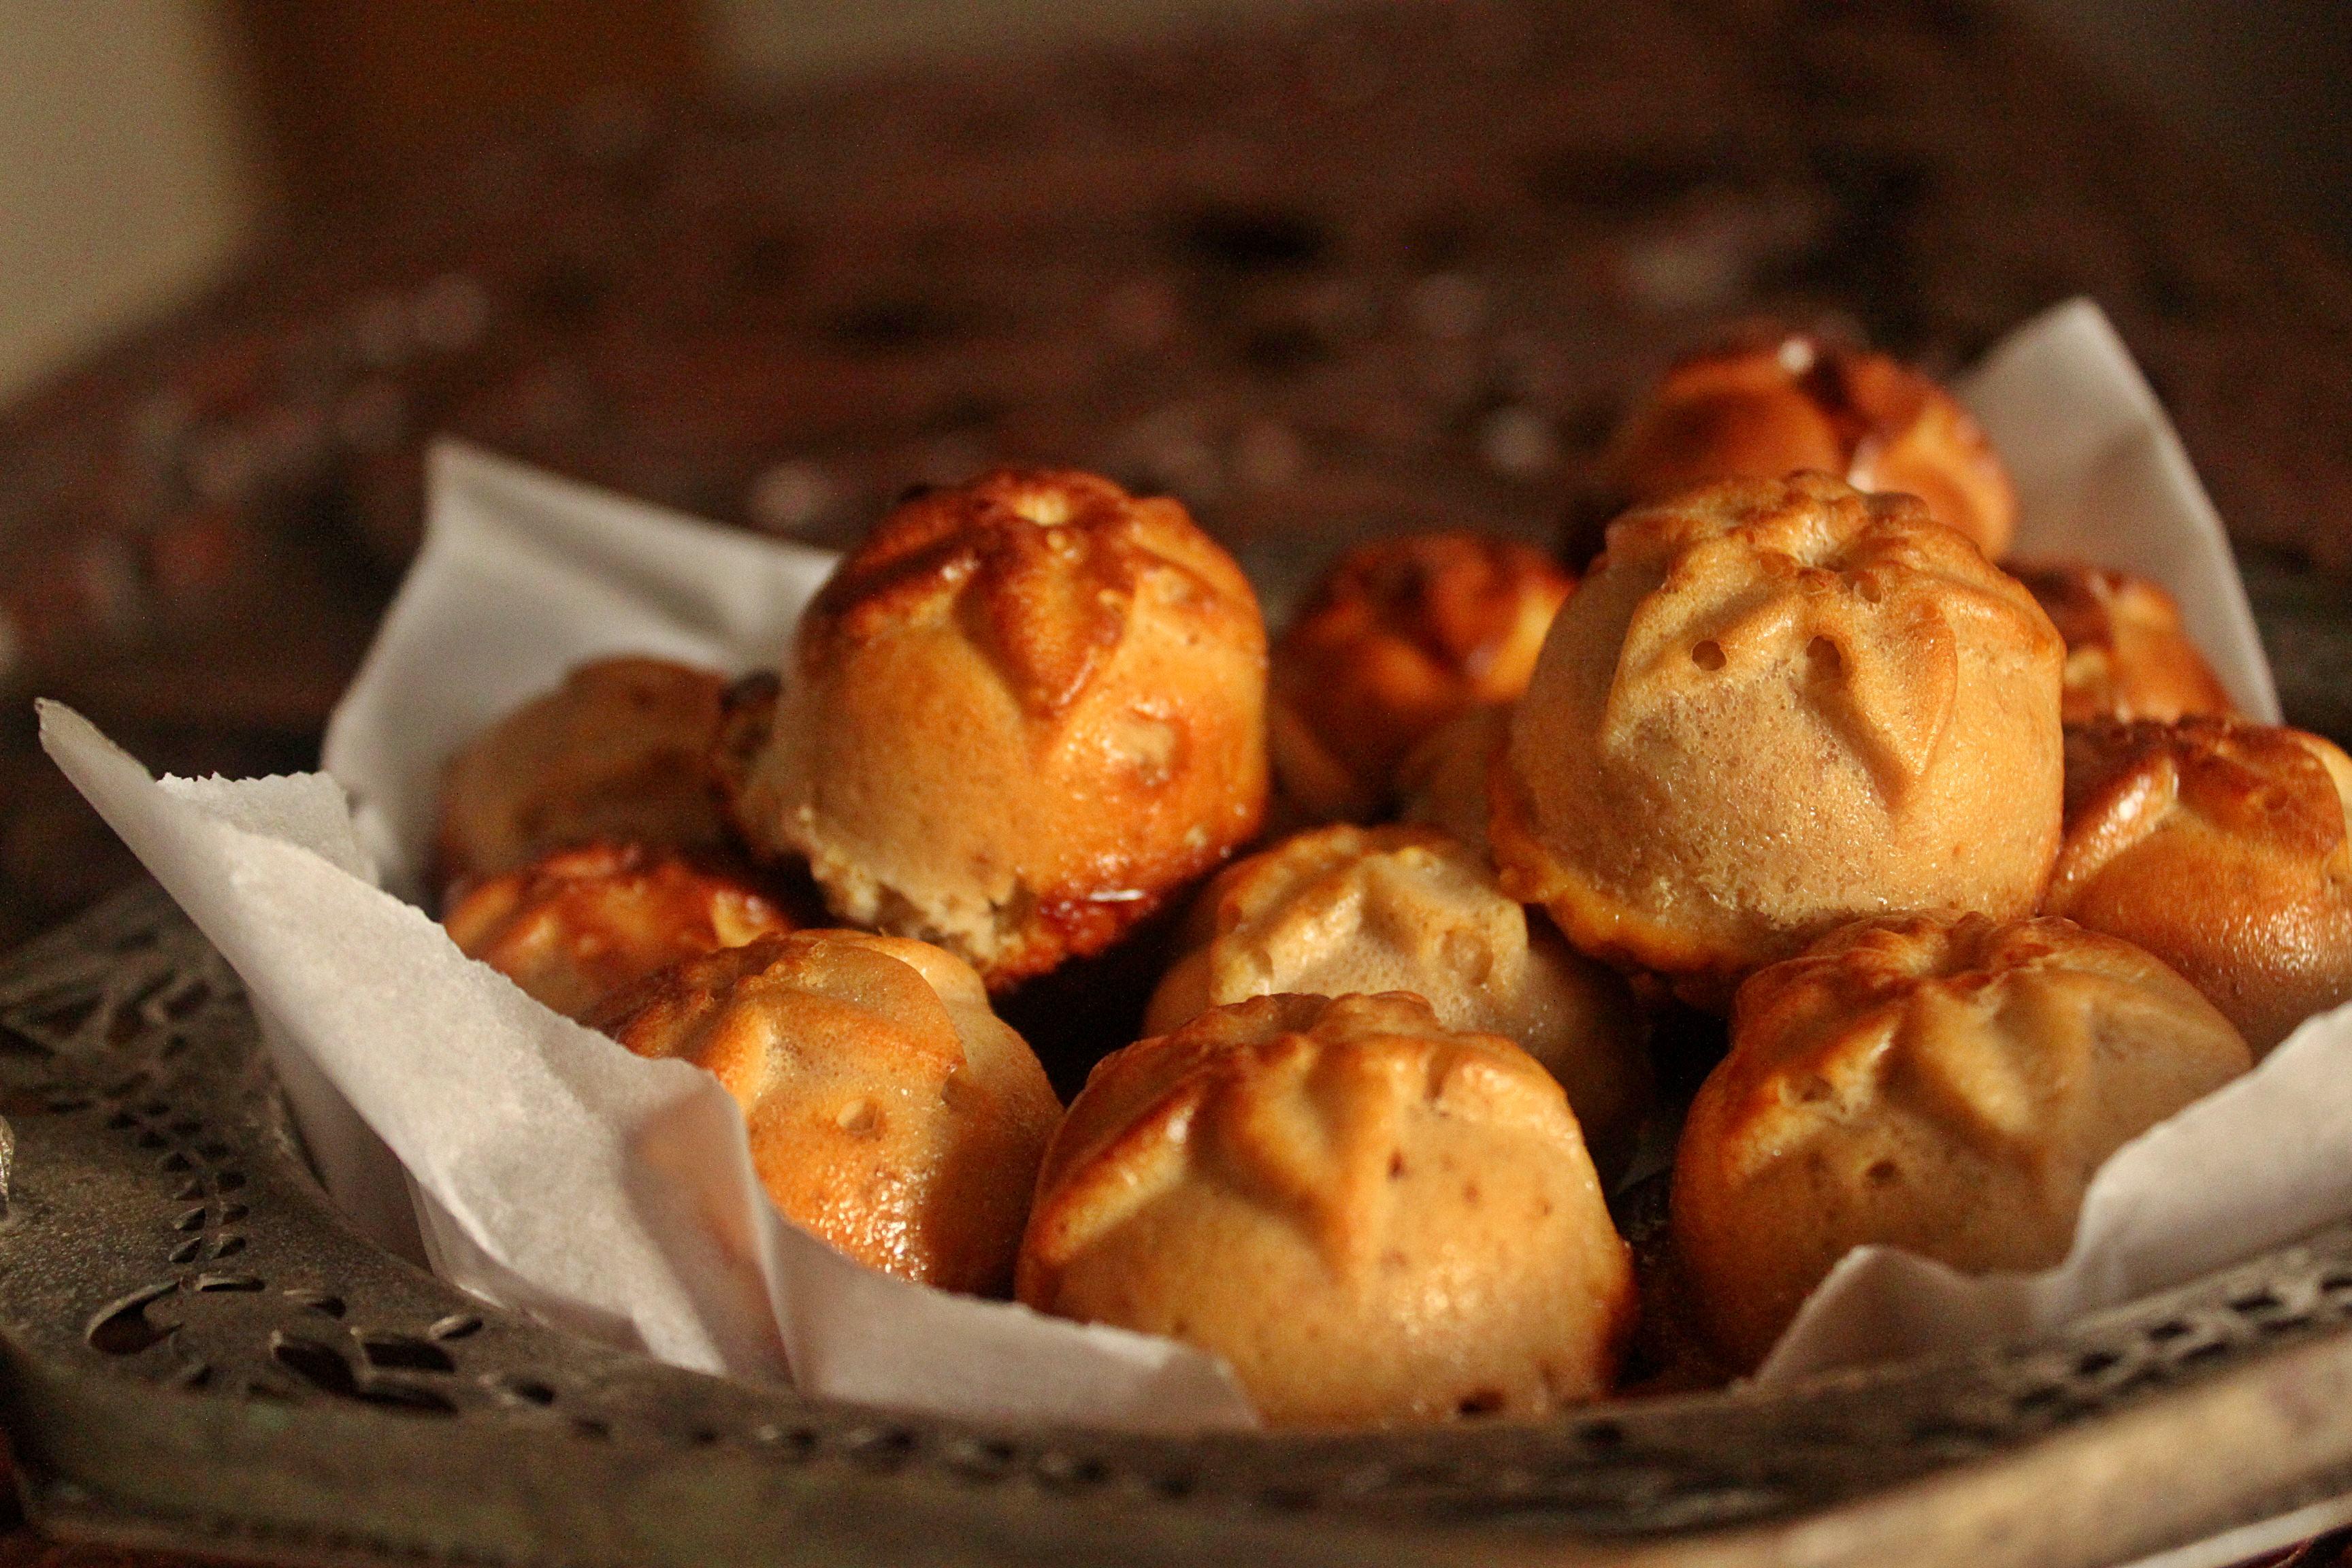 עוגיות חלבון לאתלטים ממרכיבים טבעיים בלבד